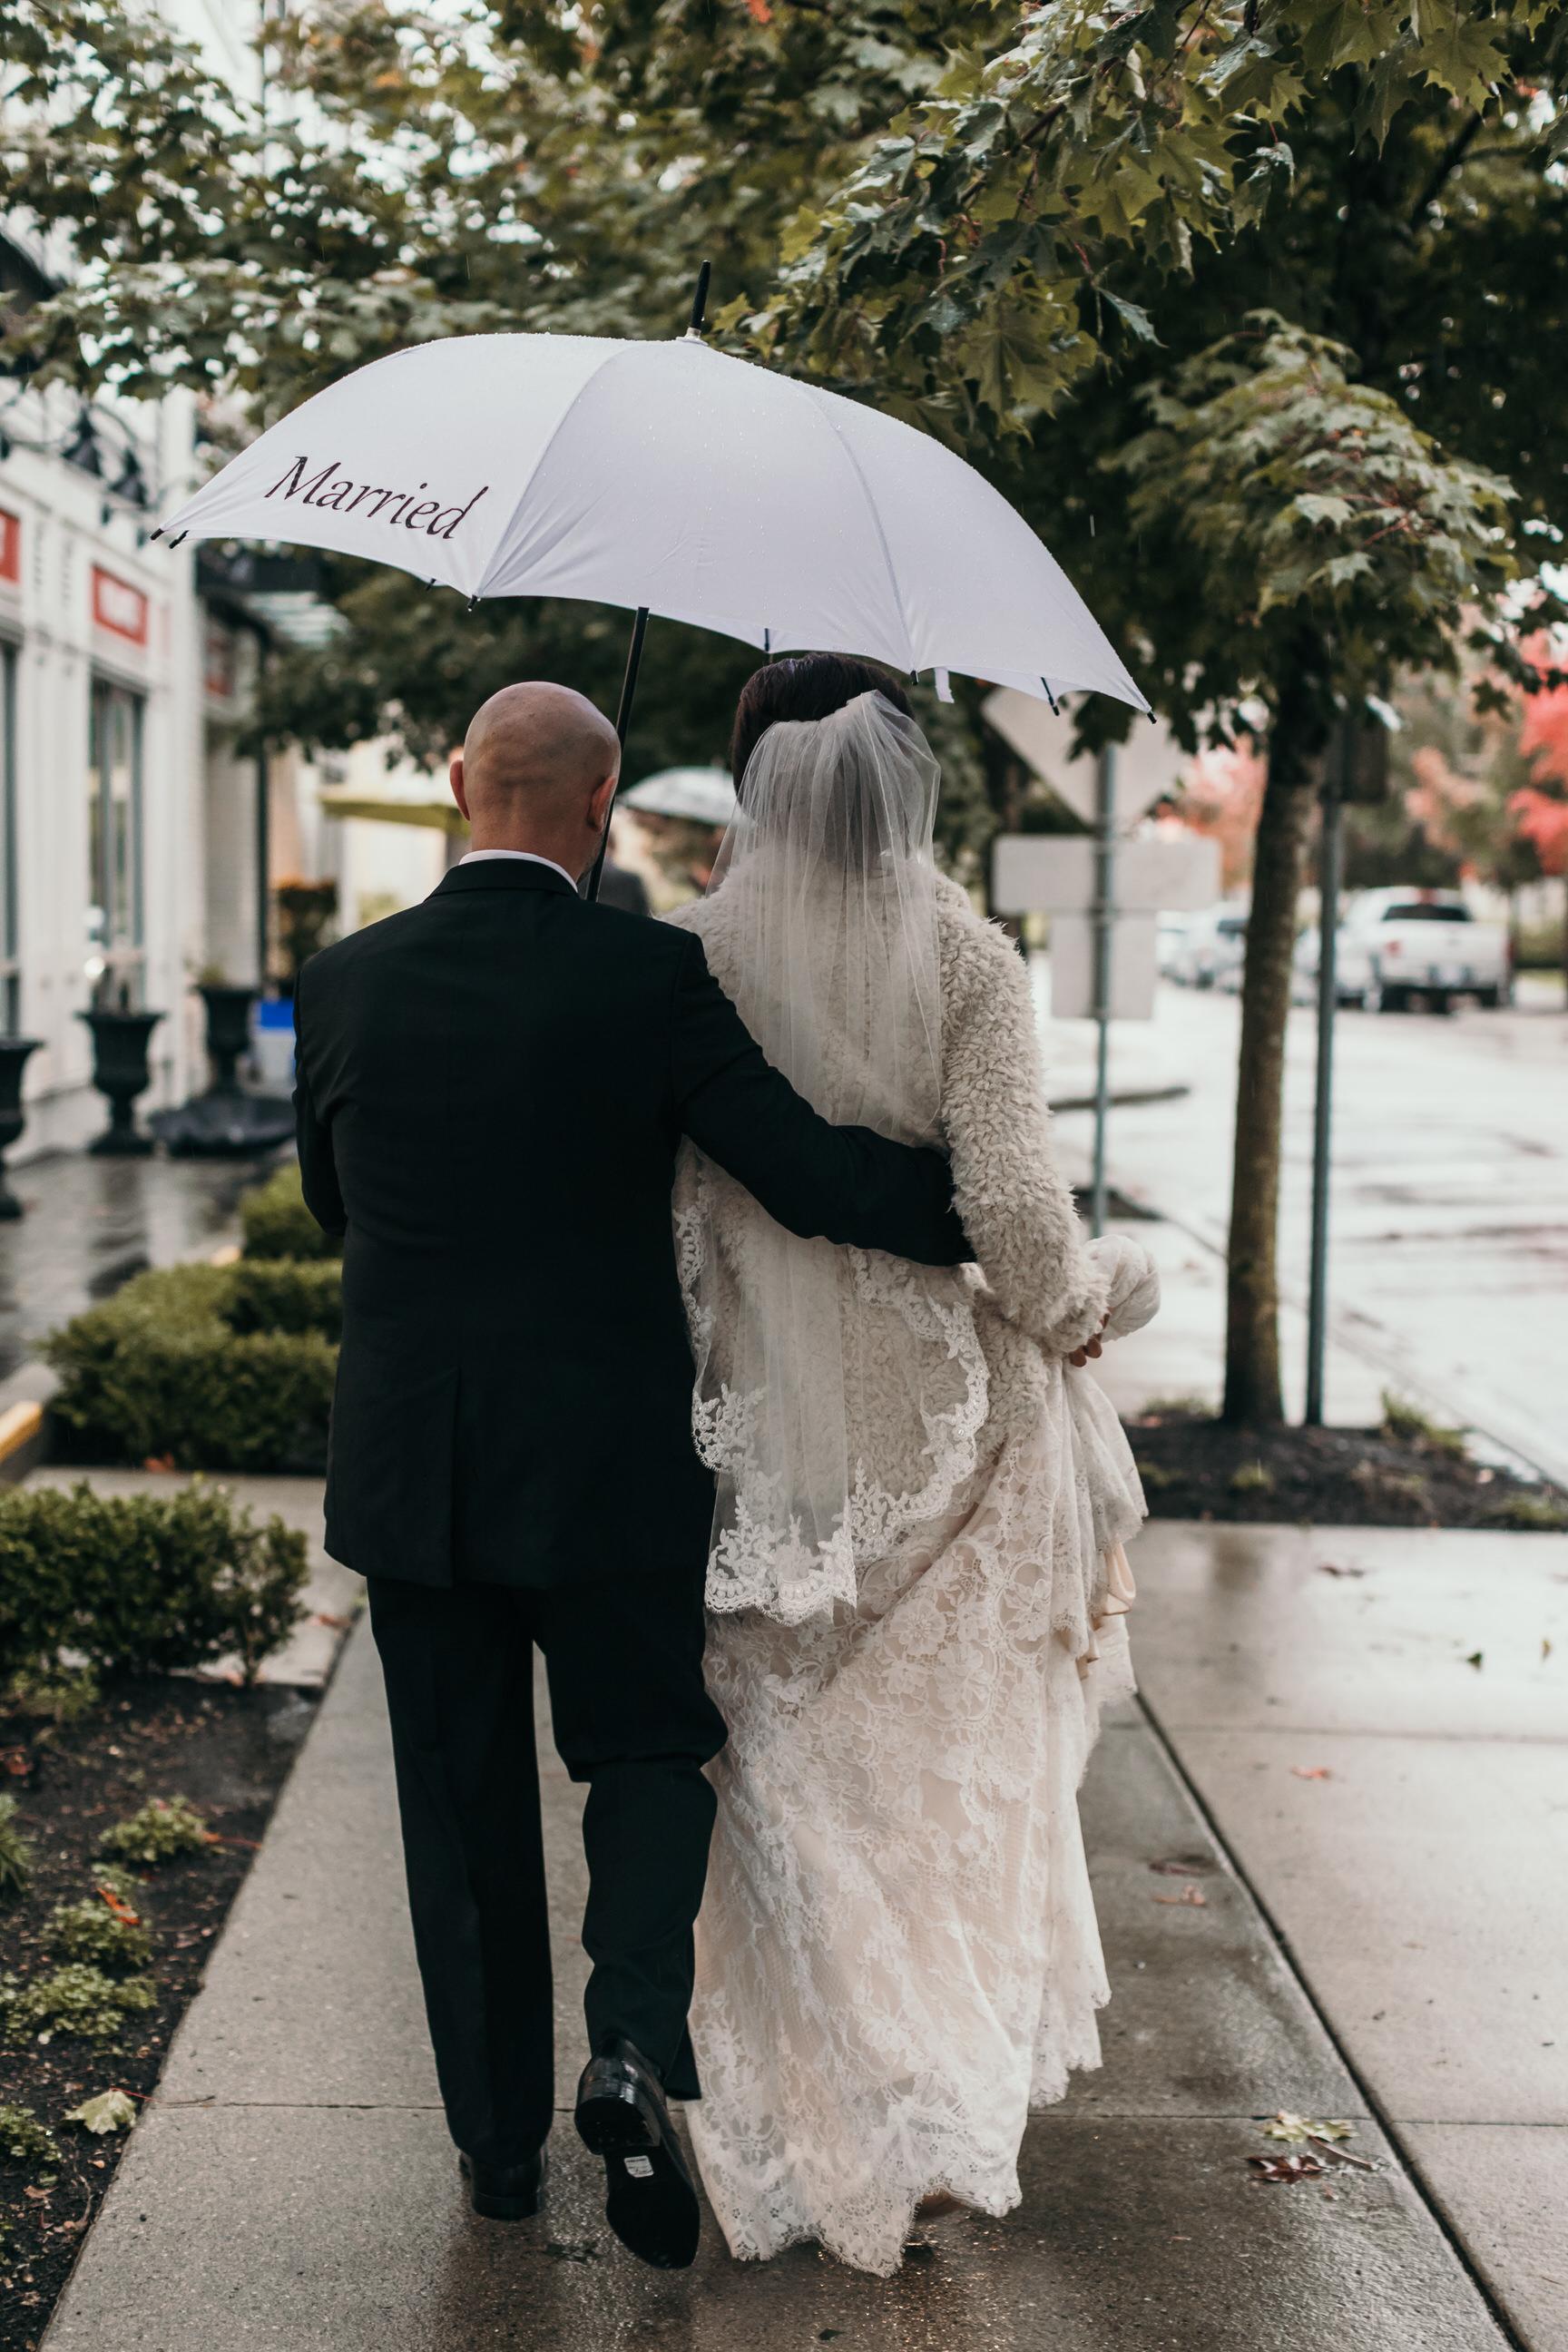 Pitt Meadows Wedding Photographer - Sky Hangar Wedding Photos - Vancouver Wedding Photographer & Videographer - Sunshine Coast Wedding Photos - Sunshine Coast Wedding Photographer - Jennifer Picard Photography - 1A5A2227 (1).jpg